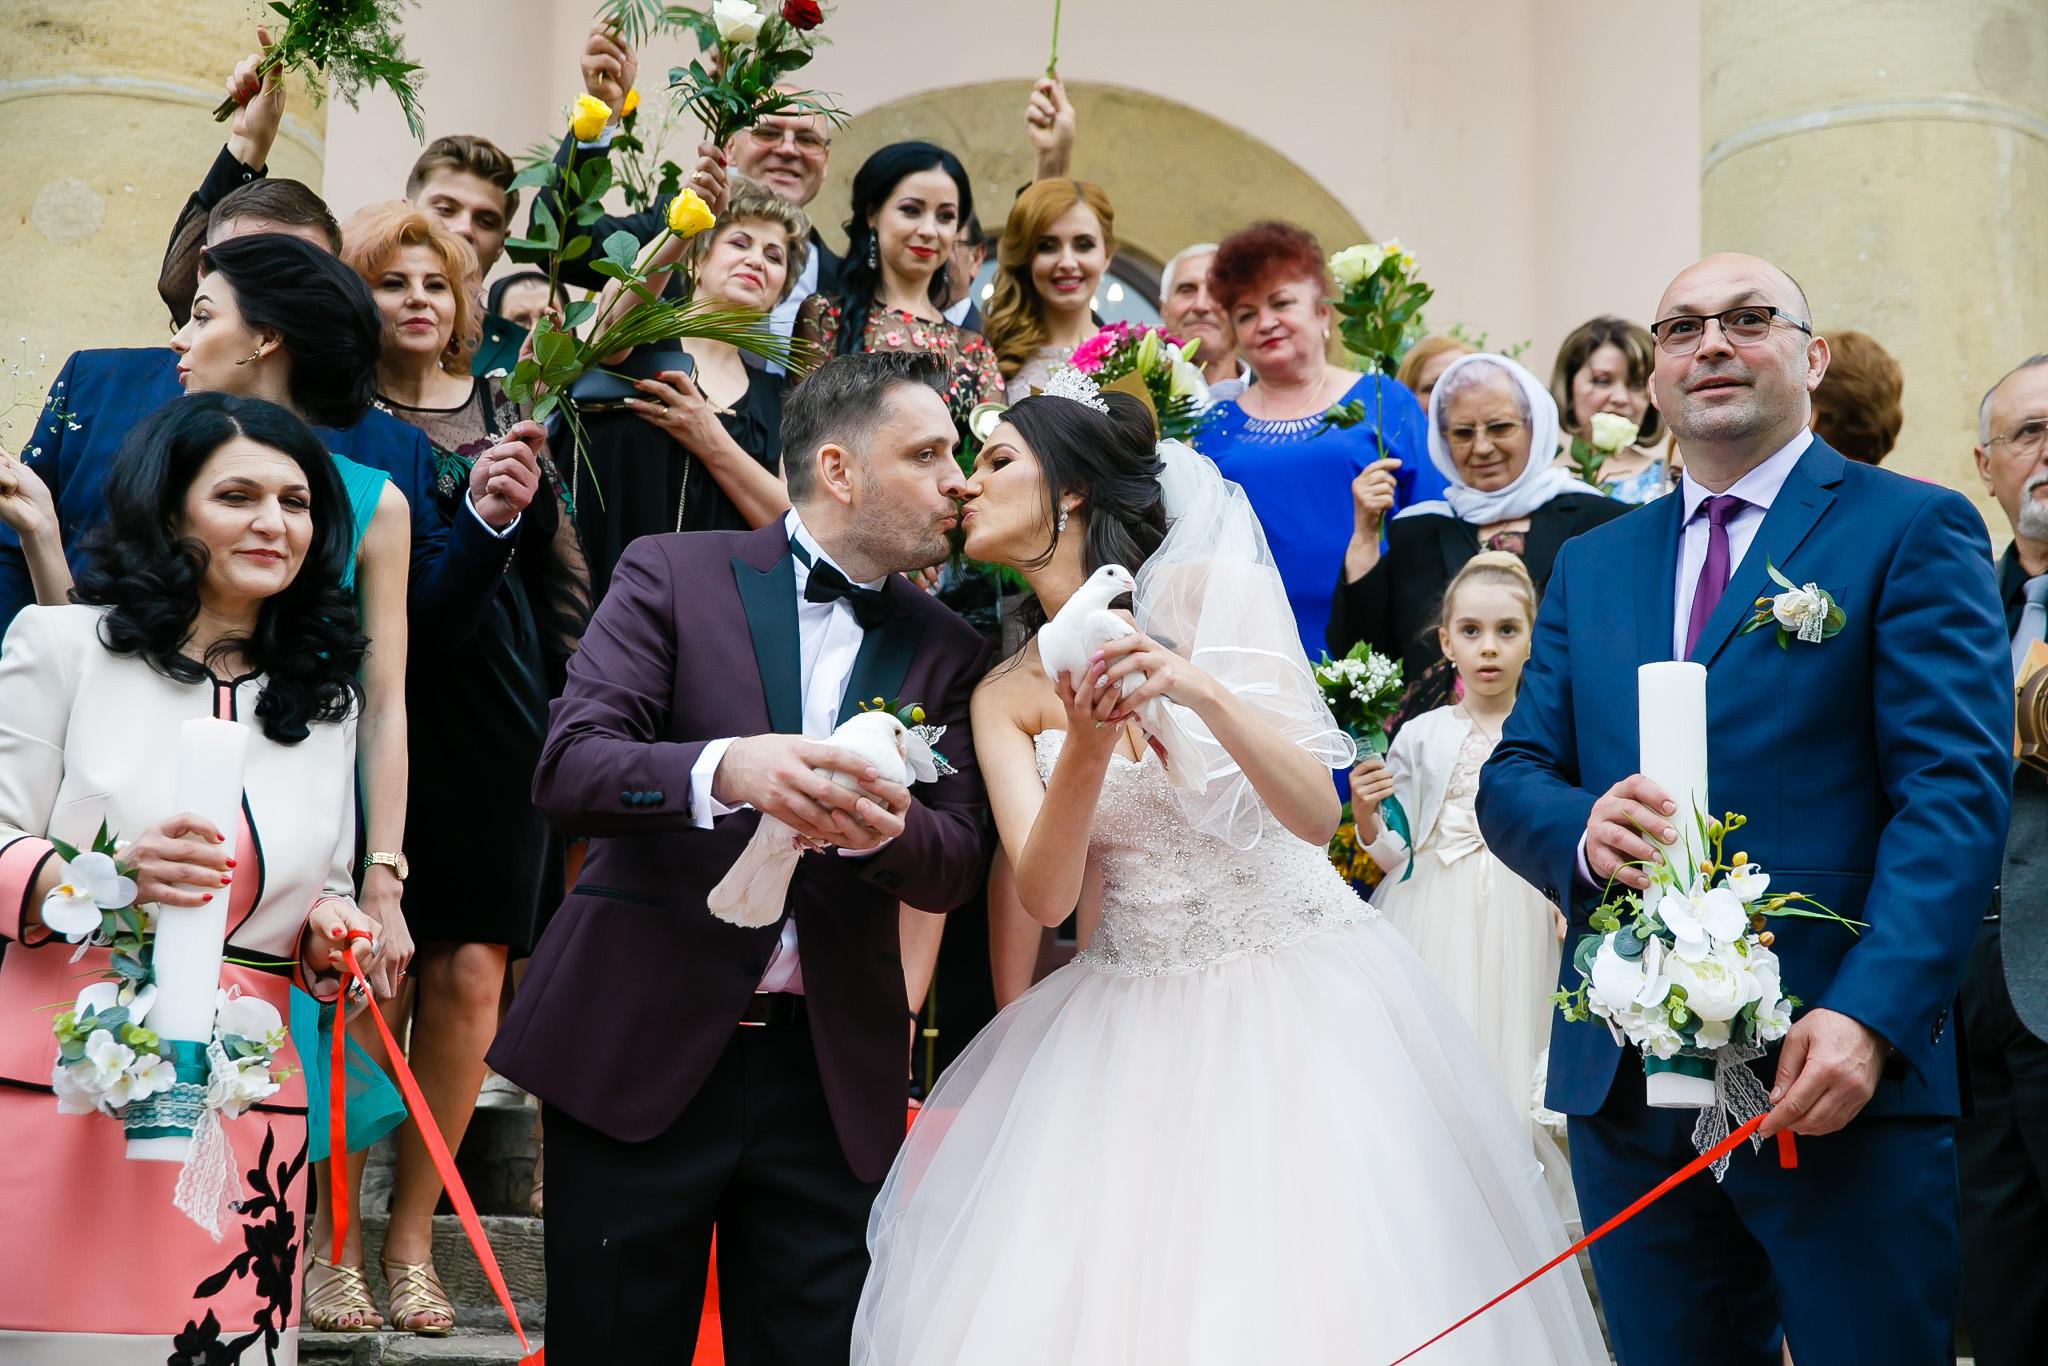 Larisa si Bogdan Nuntă la Pleiada fotograf profesionist nunta Iasi www.paulpadurariu.ro © 2018 Paul Padurariu cununia religioasa 1